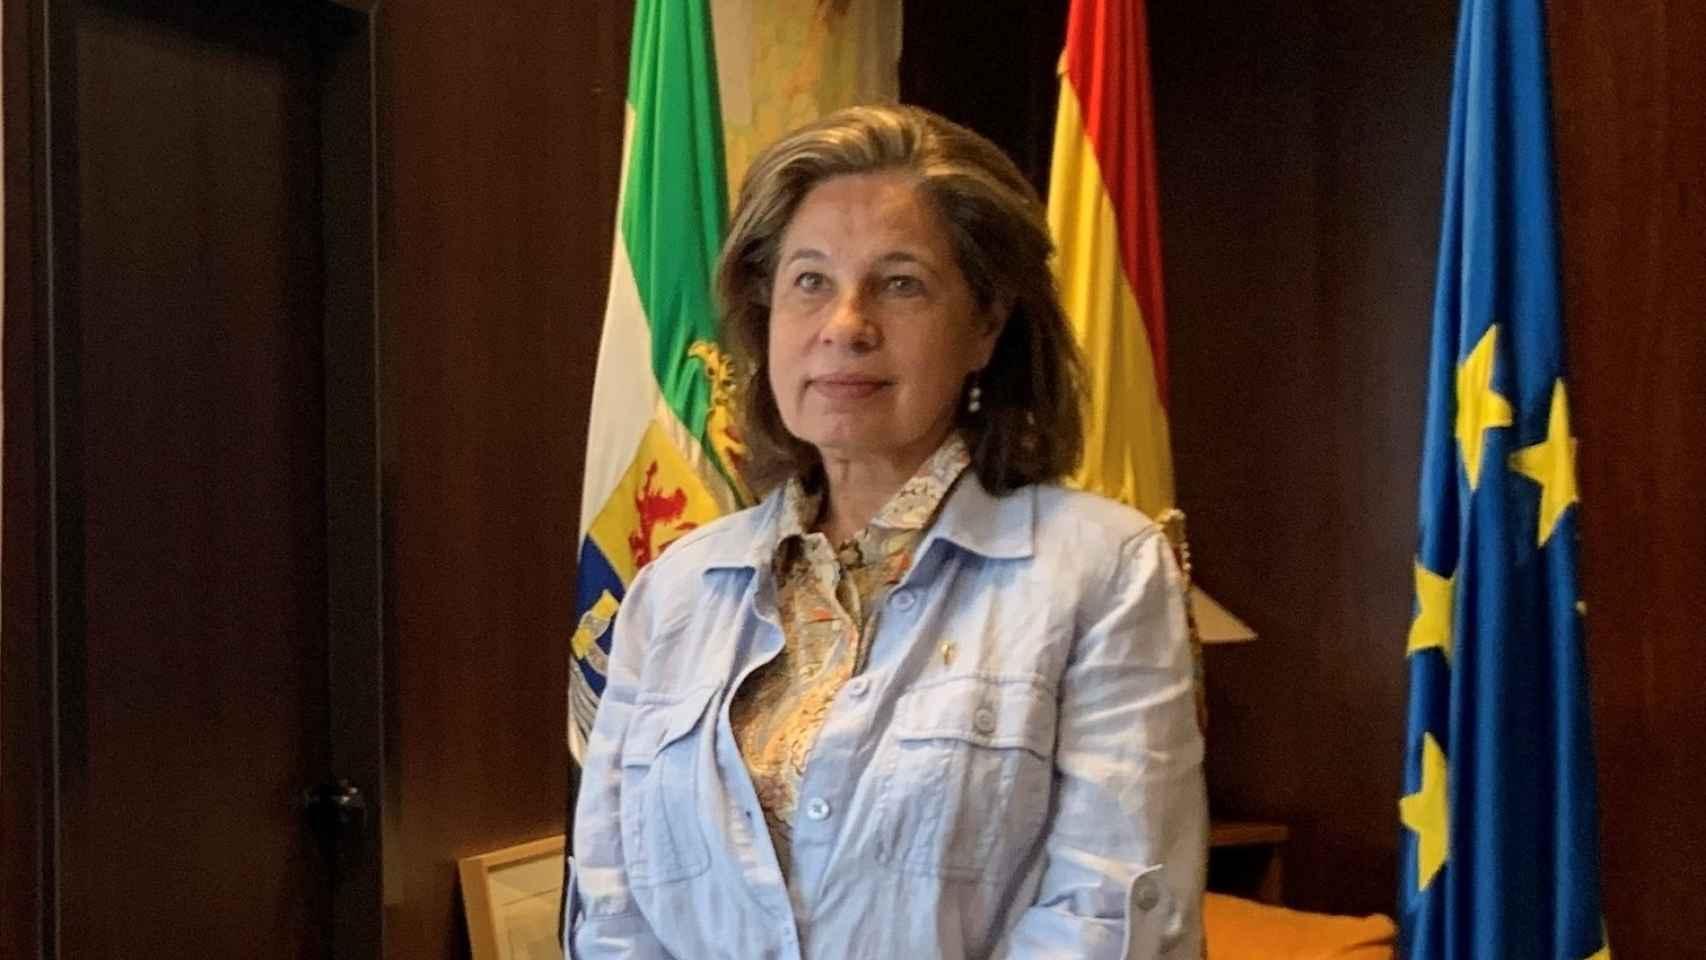 La vicepresidenta primera y consejera de Hacienda y Administración Pública de la Junta de Extremadura, Pilar Blanco-Morales